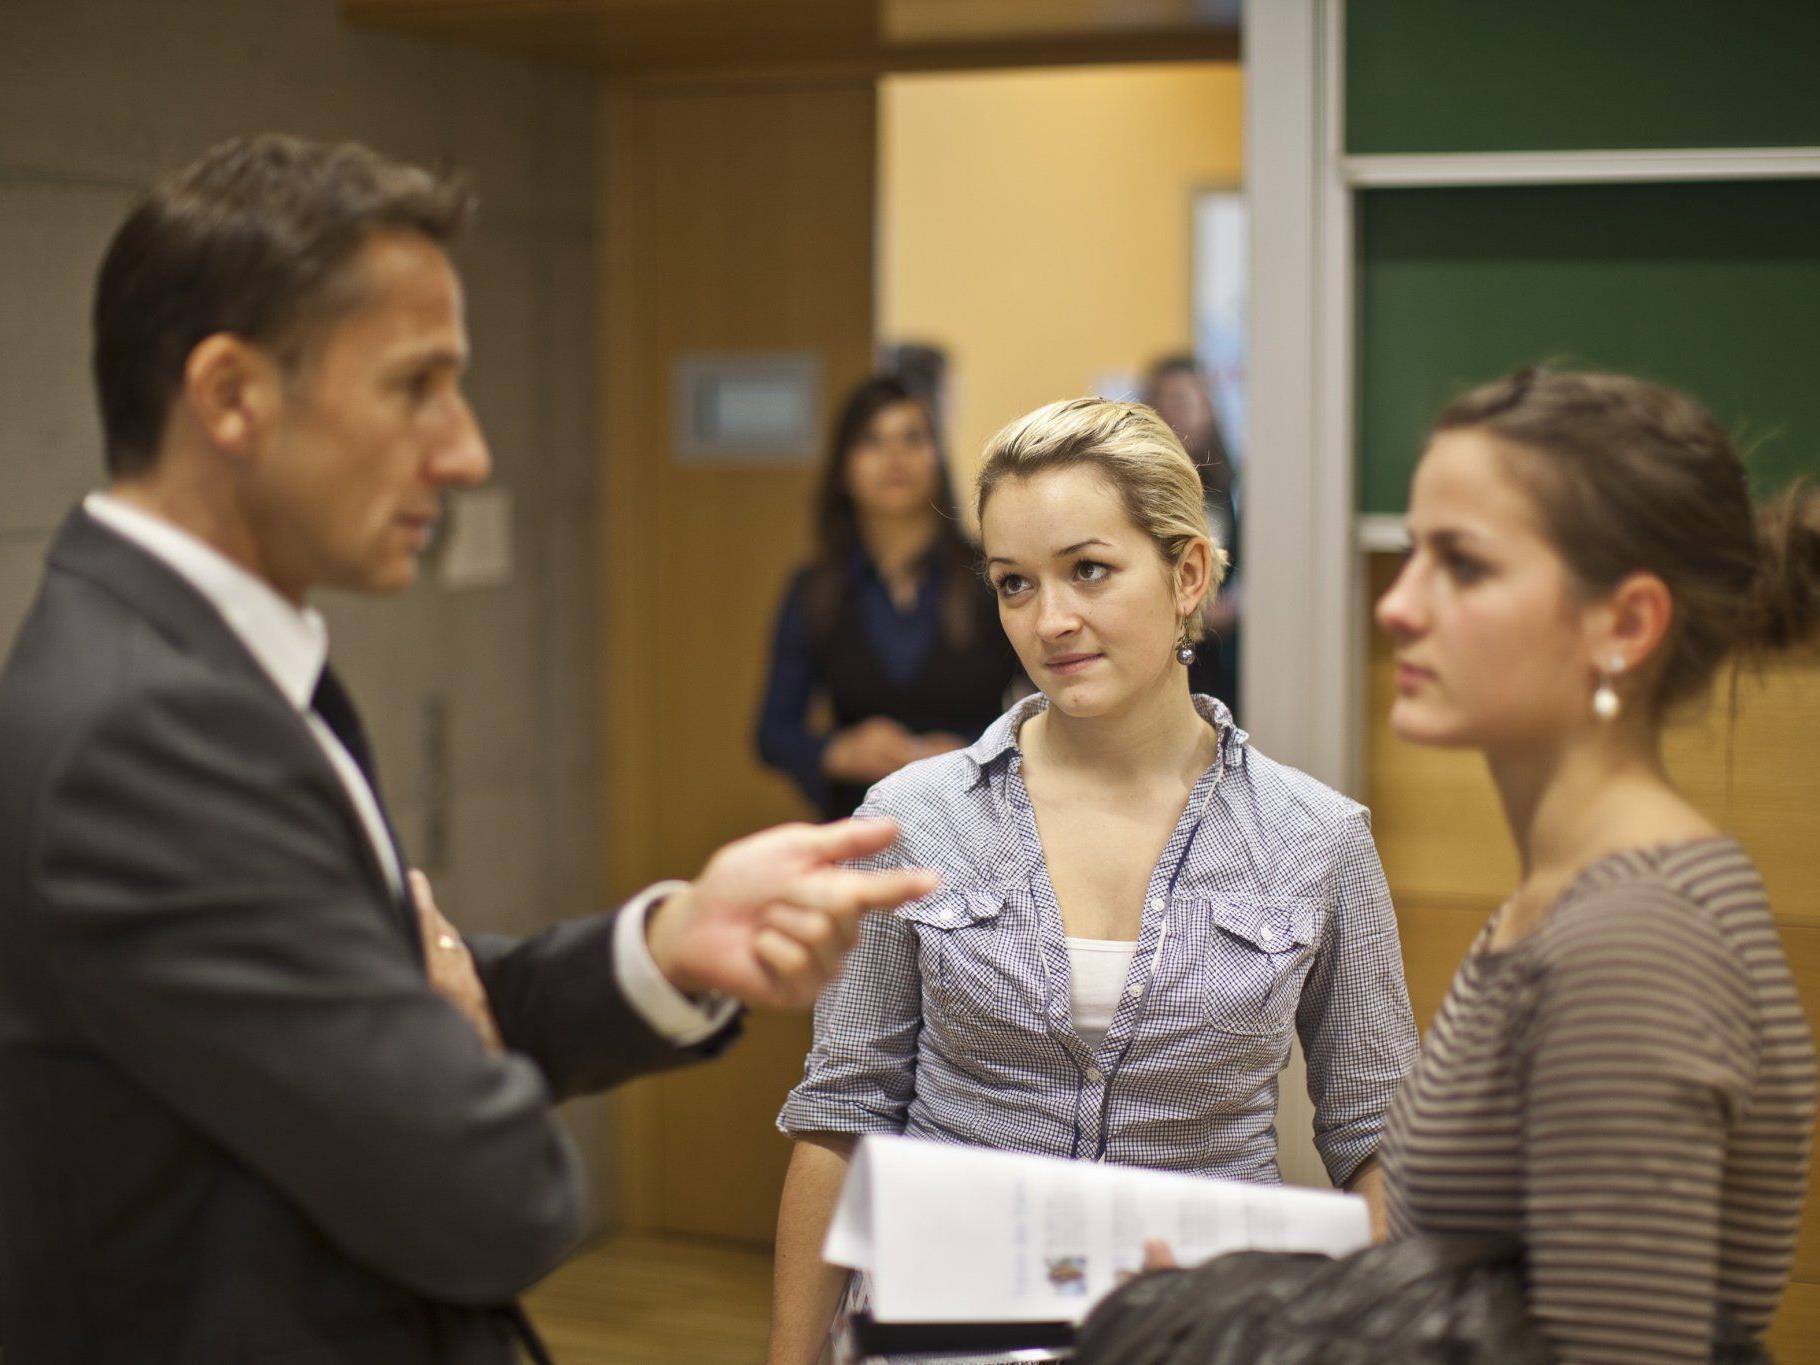 Die Jobmesse bringt Studenten und Arbeitgeber zusammen.